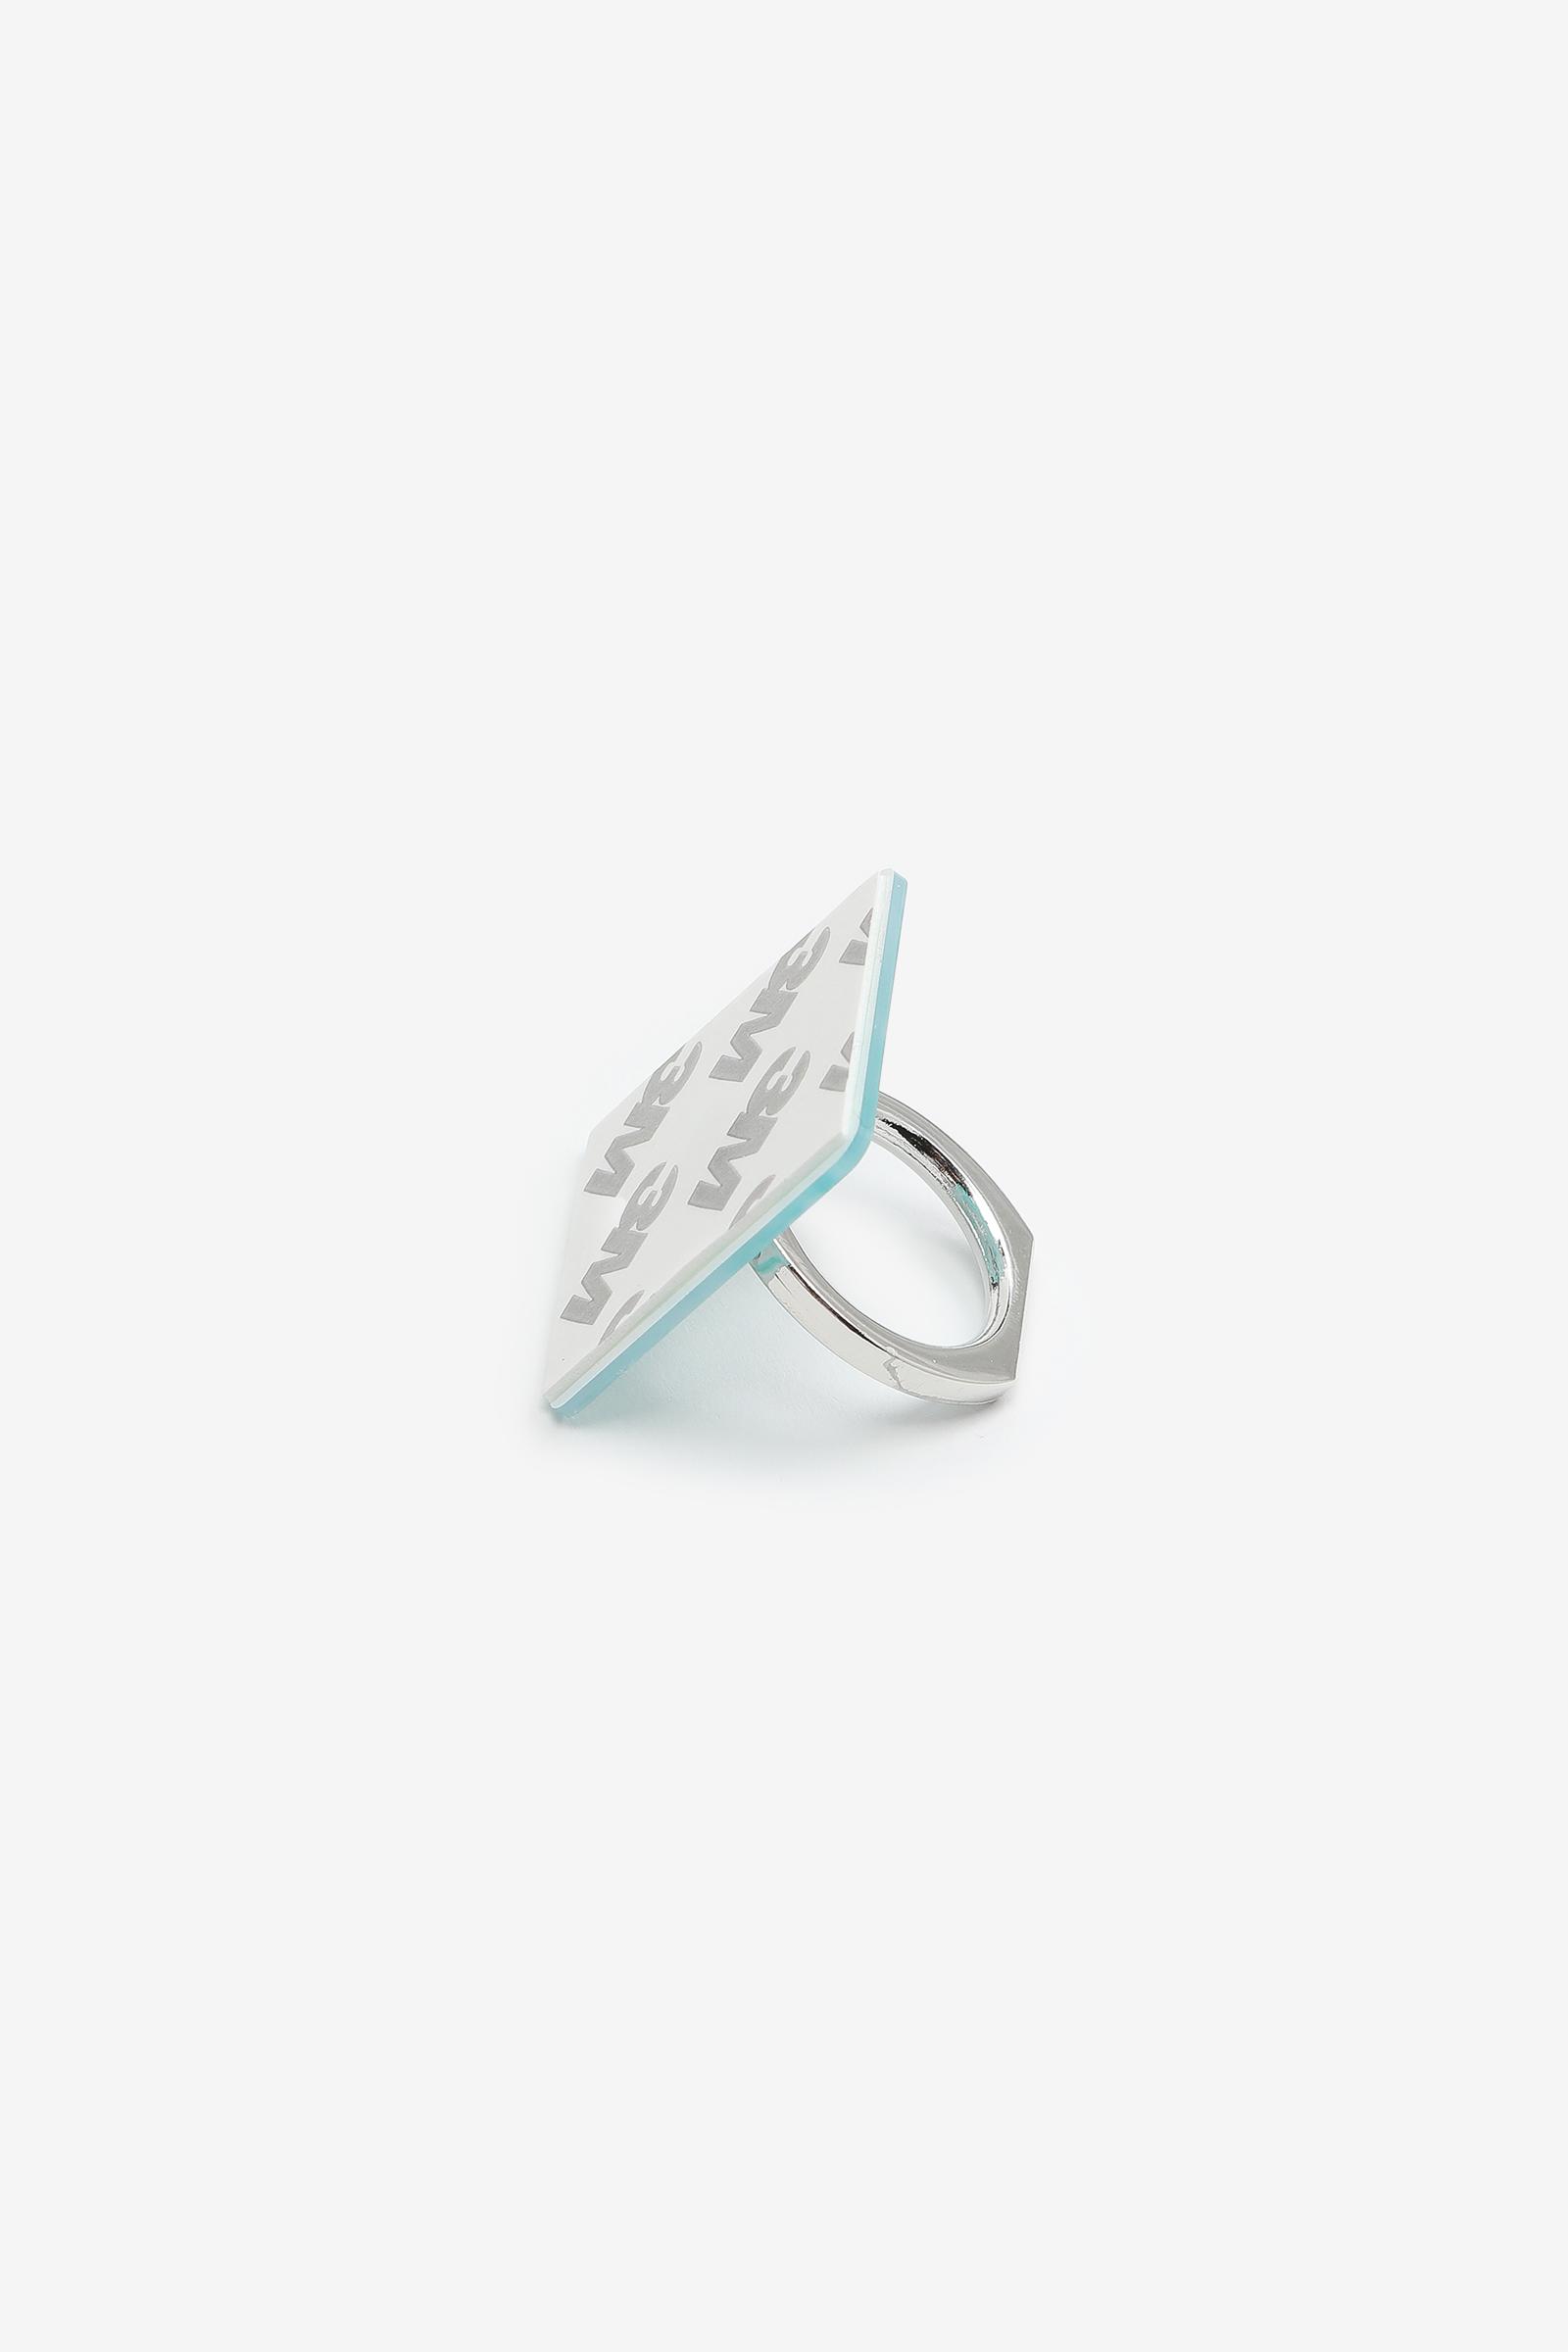 Tie-Dye Phone Ring Grip